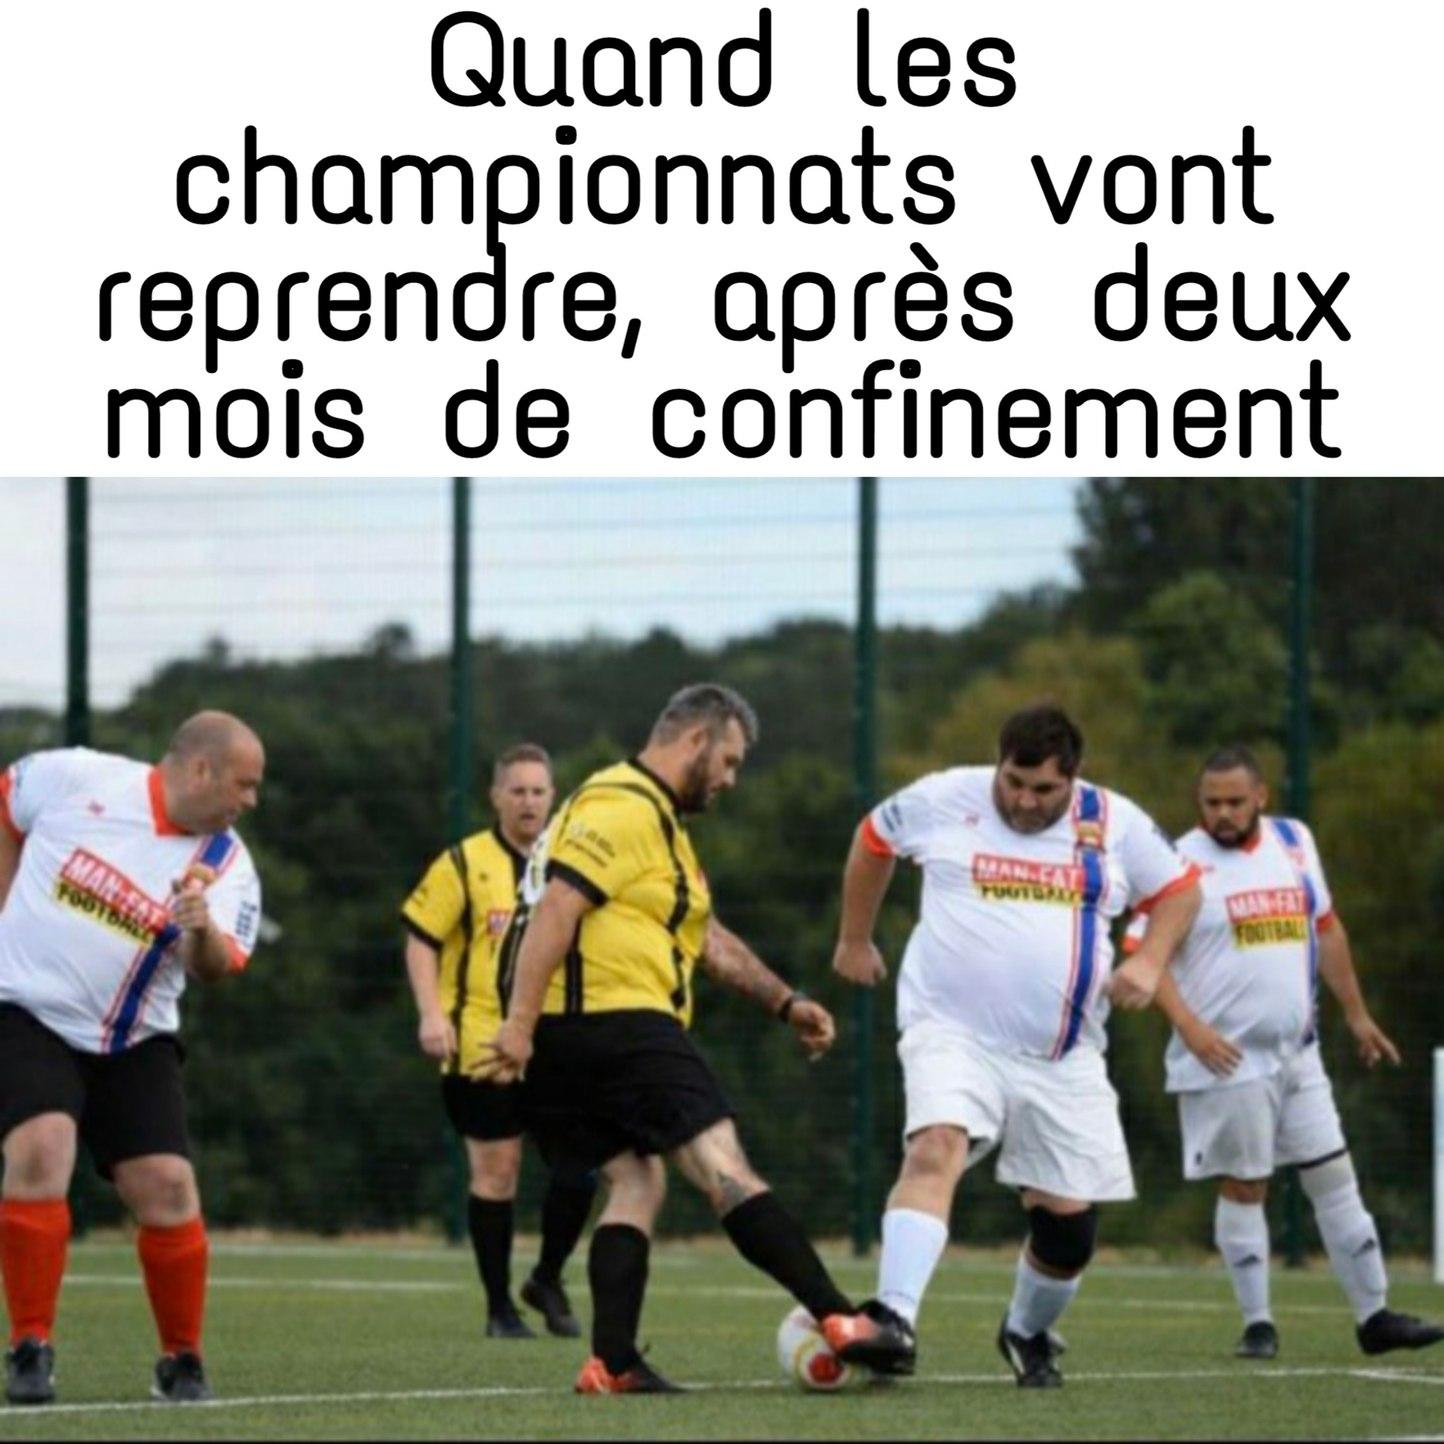 L1 KFC - meme